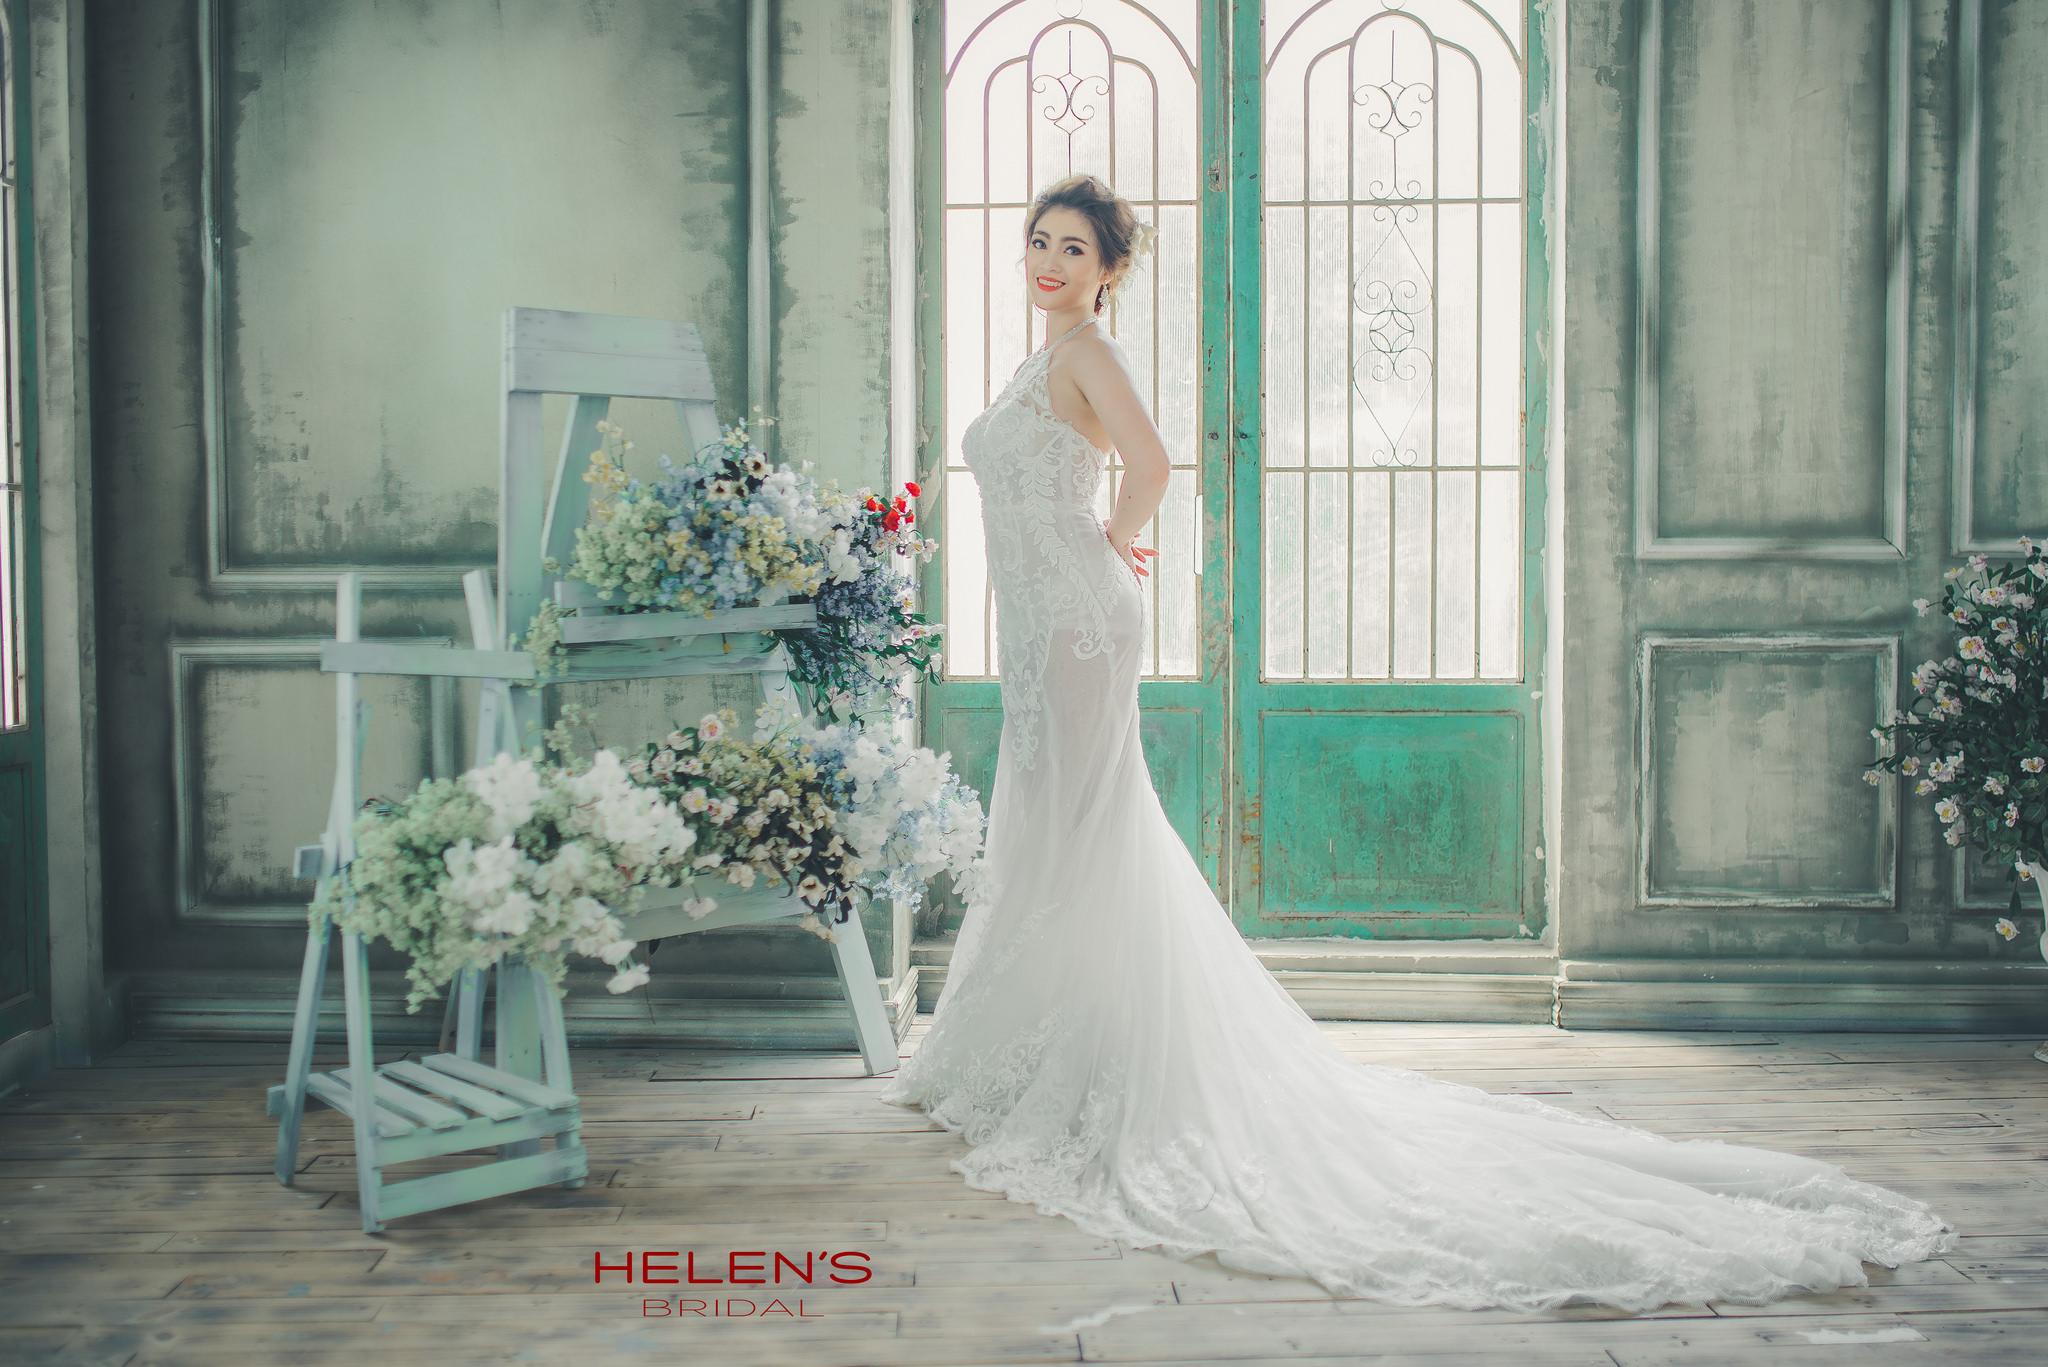 Helen's Bridal địa điểm chụp ảnh tuyệt vời cho ảnh